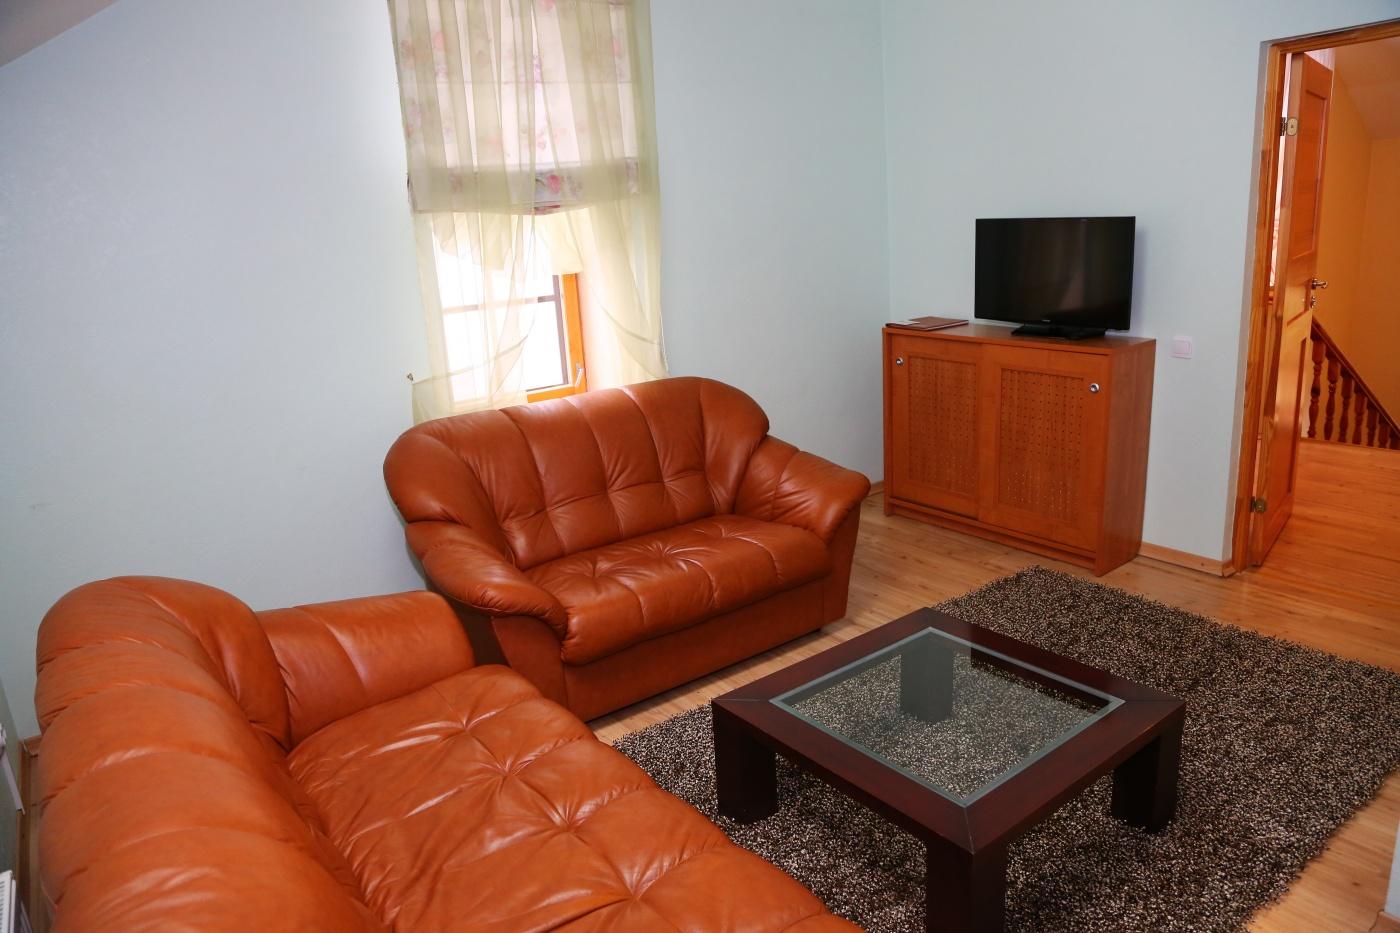 Загородный отель «Плесков» Псковская область Апартаменты № 4, фото 4